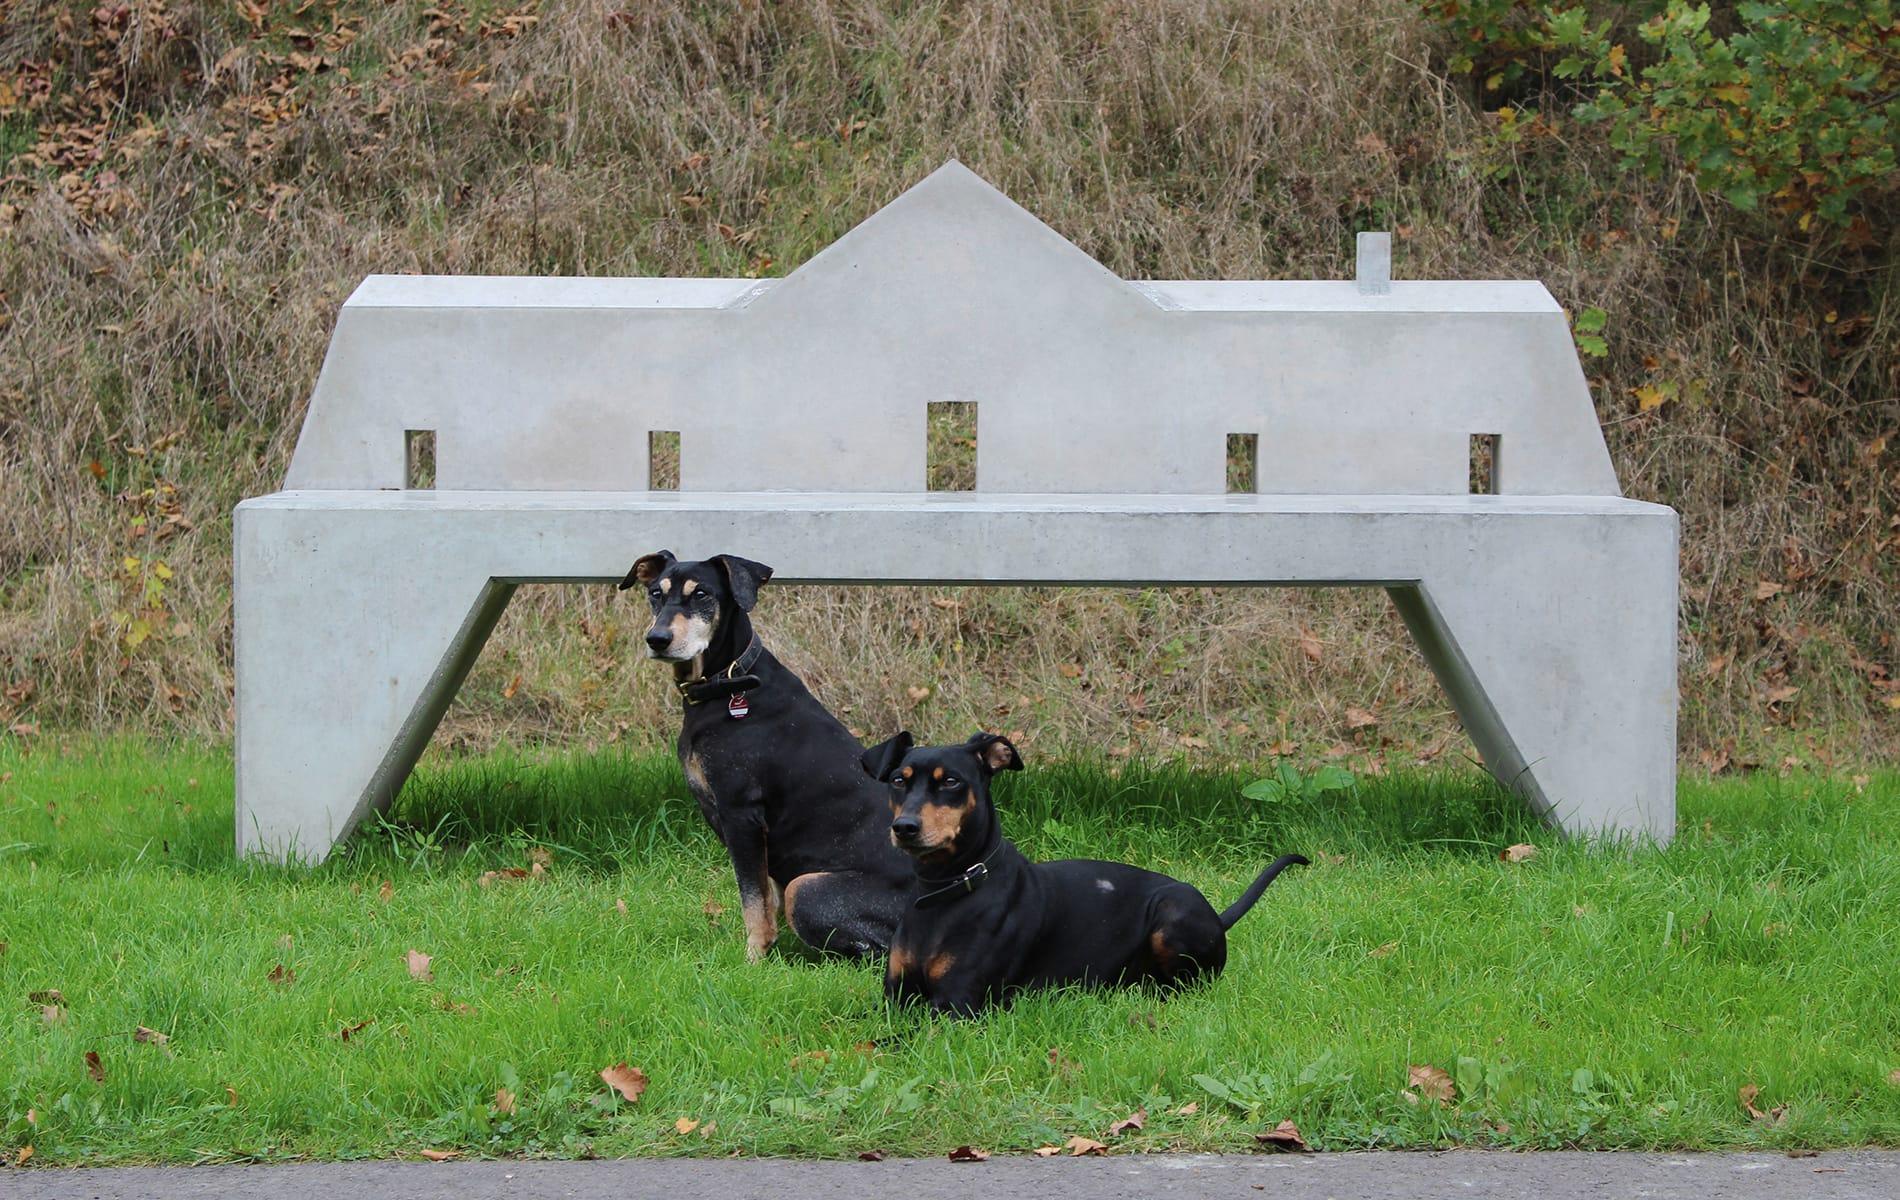 Kunsttour Betzin-Brunne - Die Kunstbank zum ausruhen und zwei Hunde sitzen davor